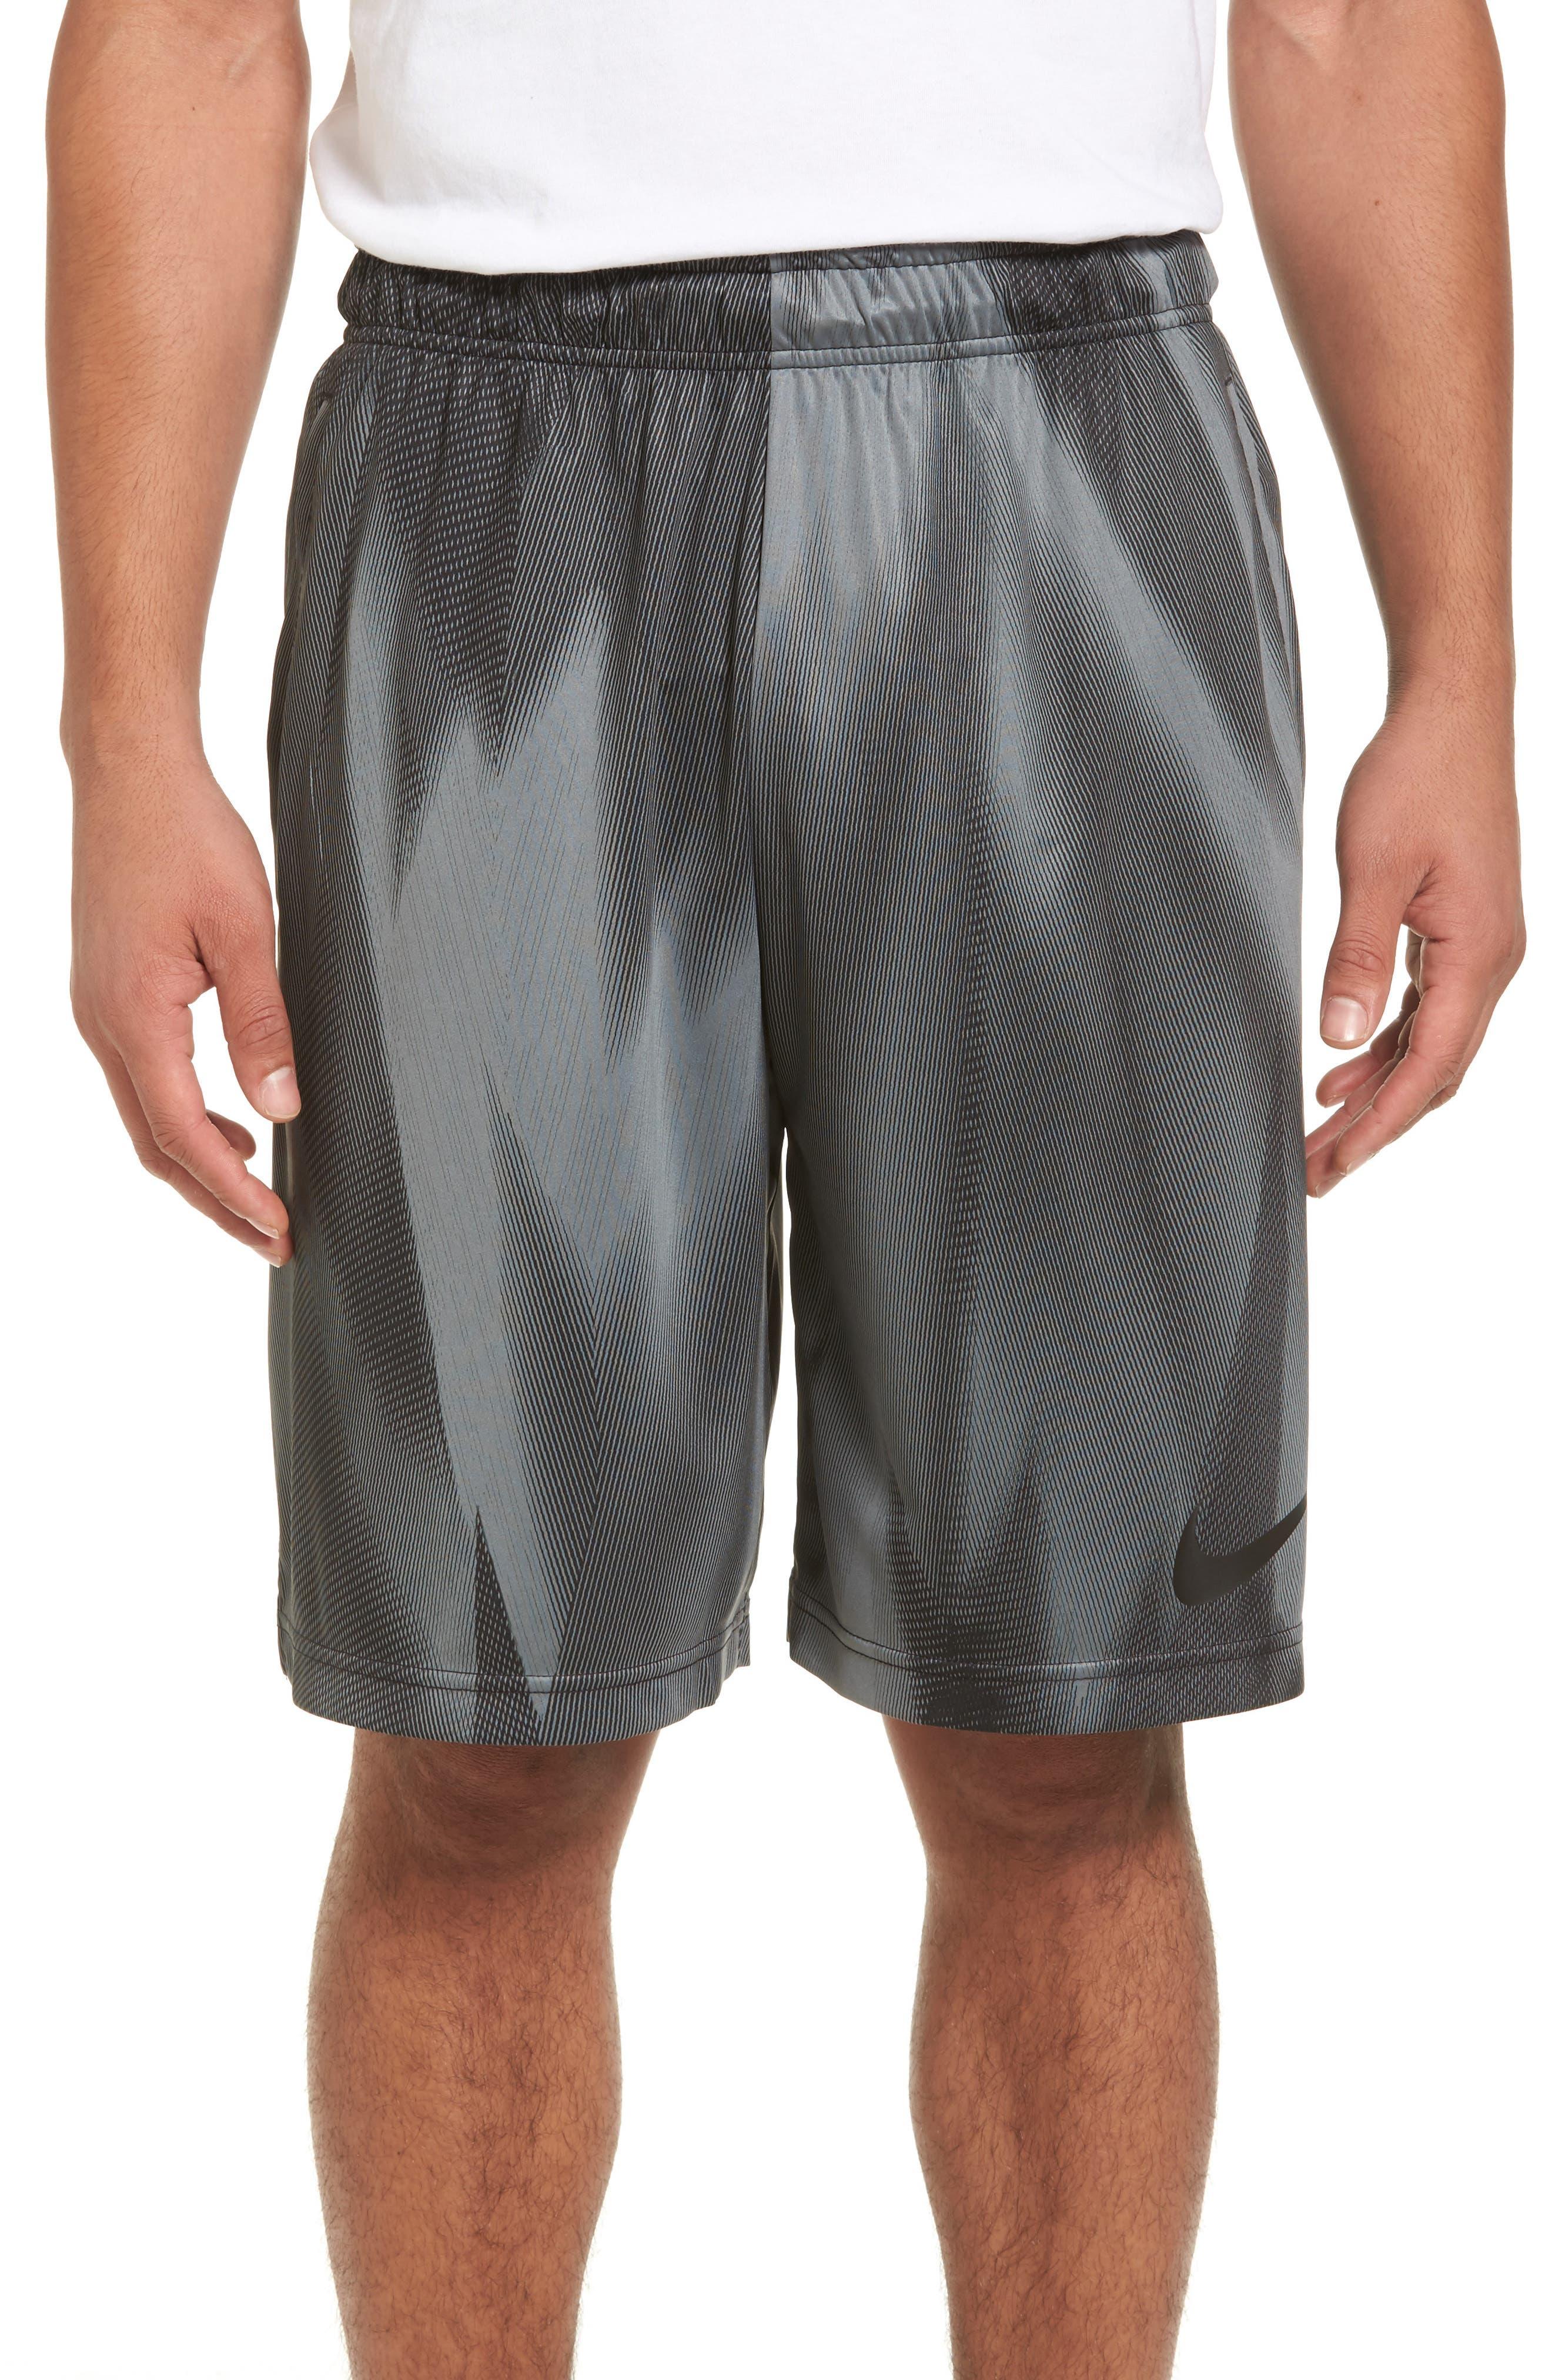 Dry Training Shorts,                             Main thumbnail 1, color,                             Black/ Black